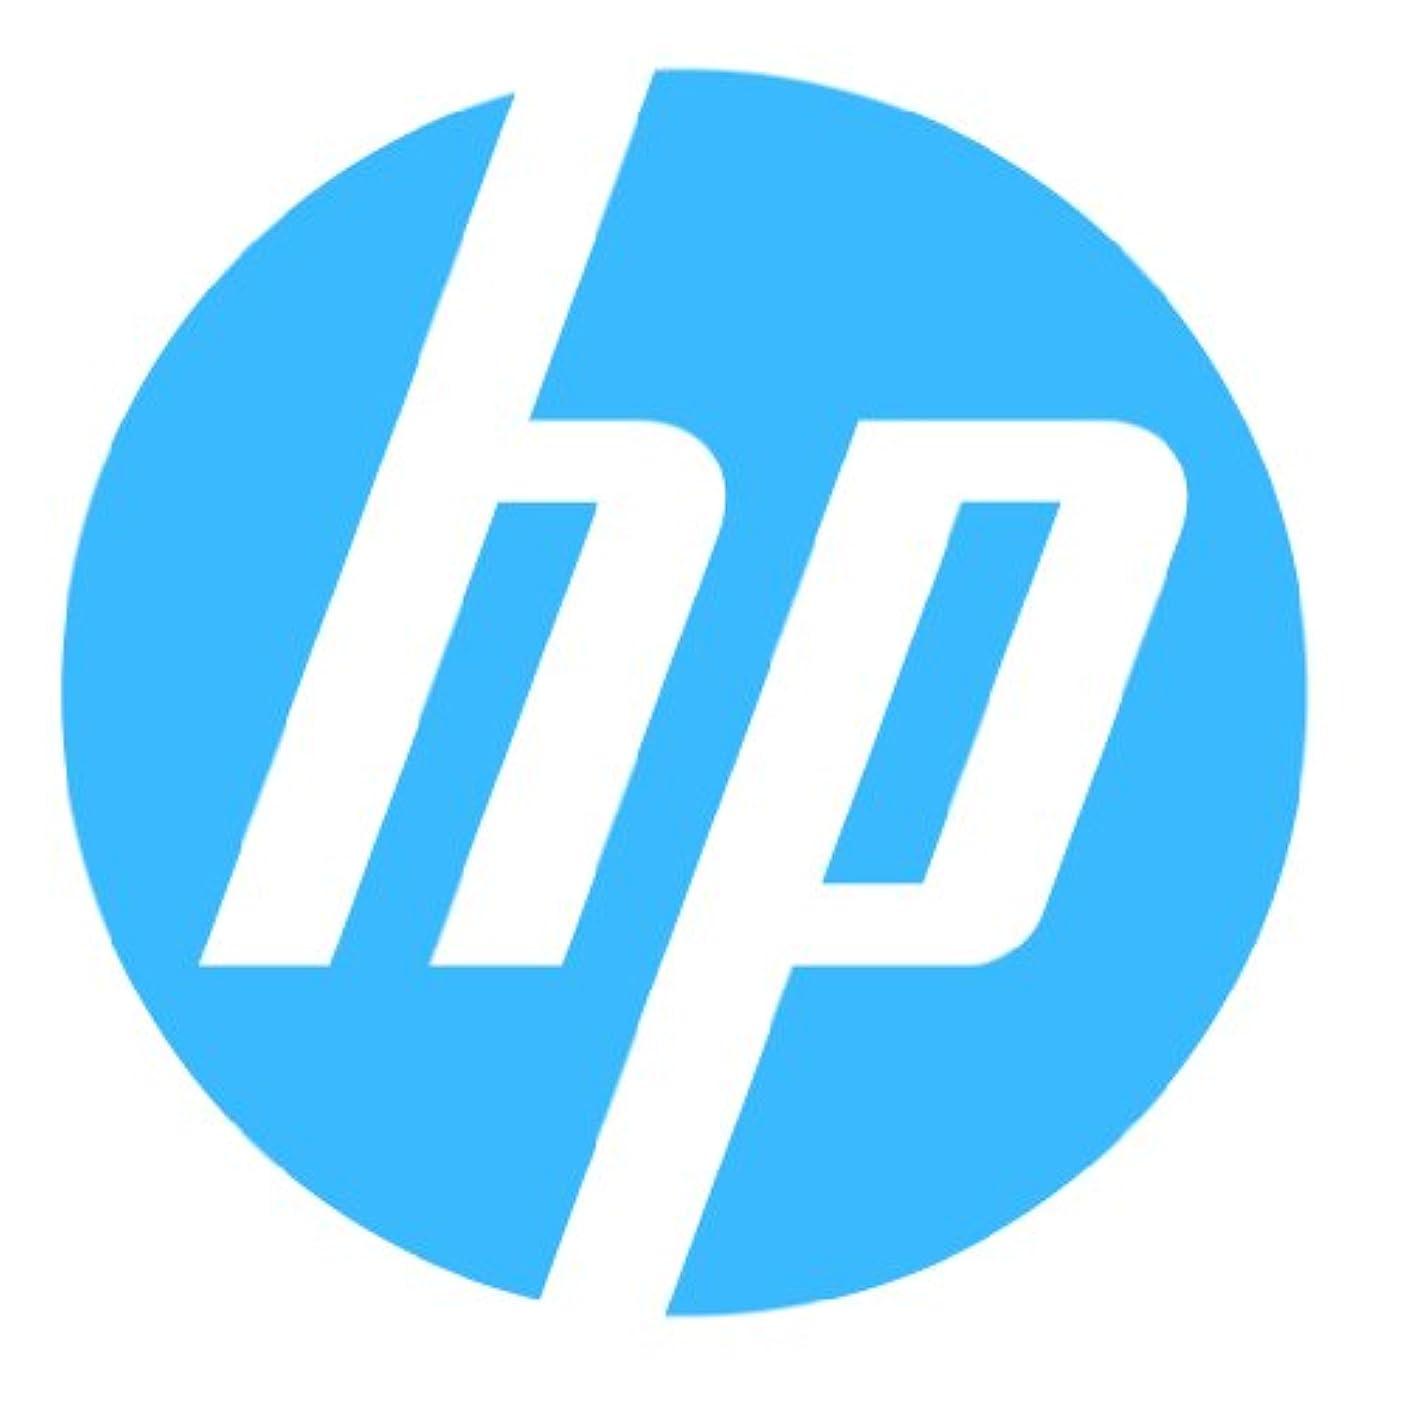 料理をする専制通知HP 439946 – 001 1 - Port ultra320 SCSI HBA